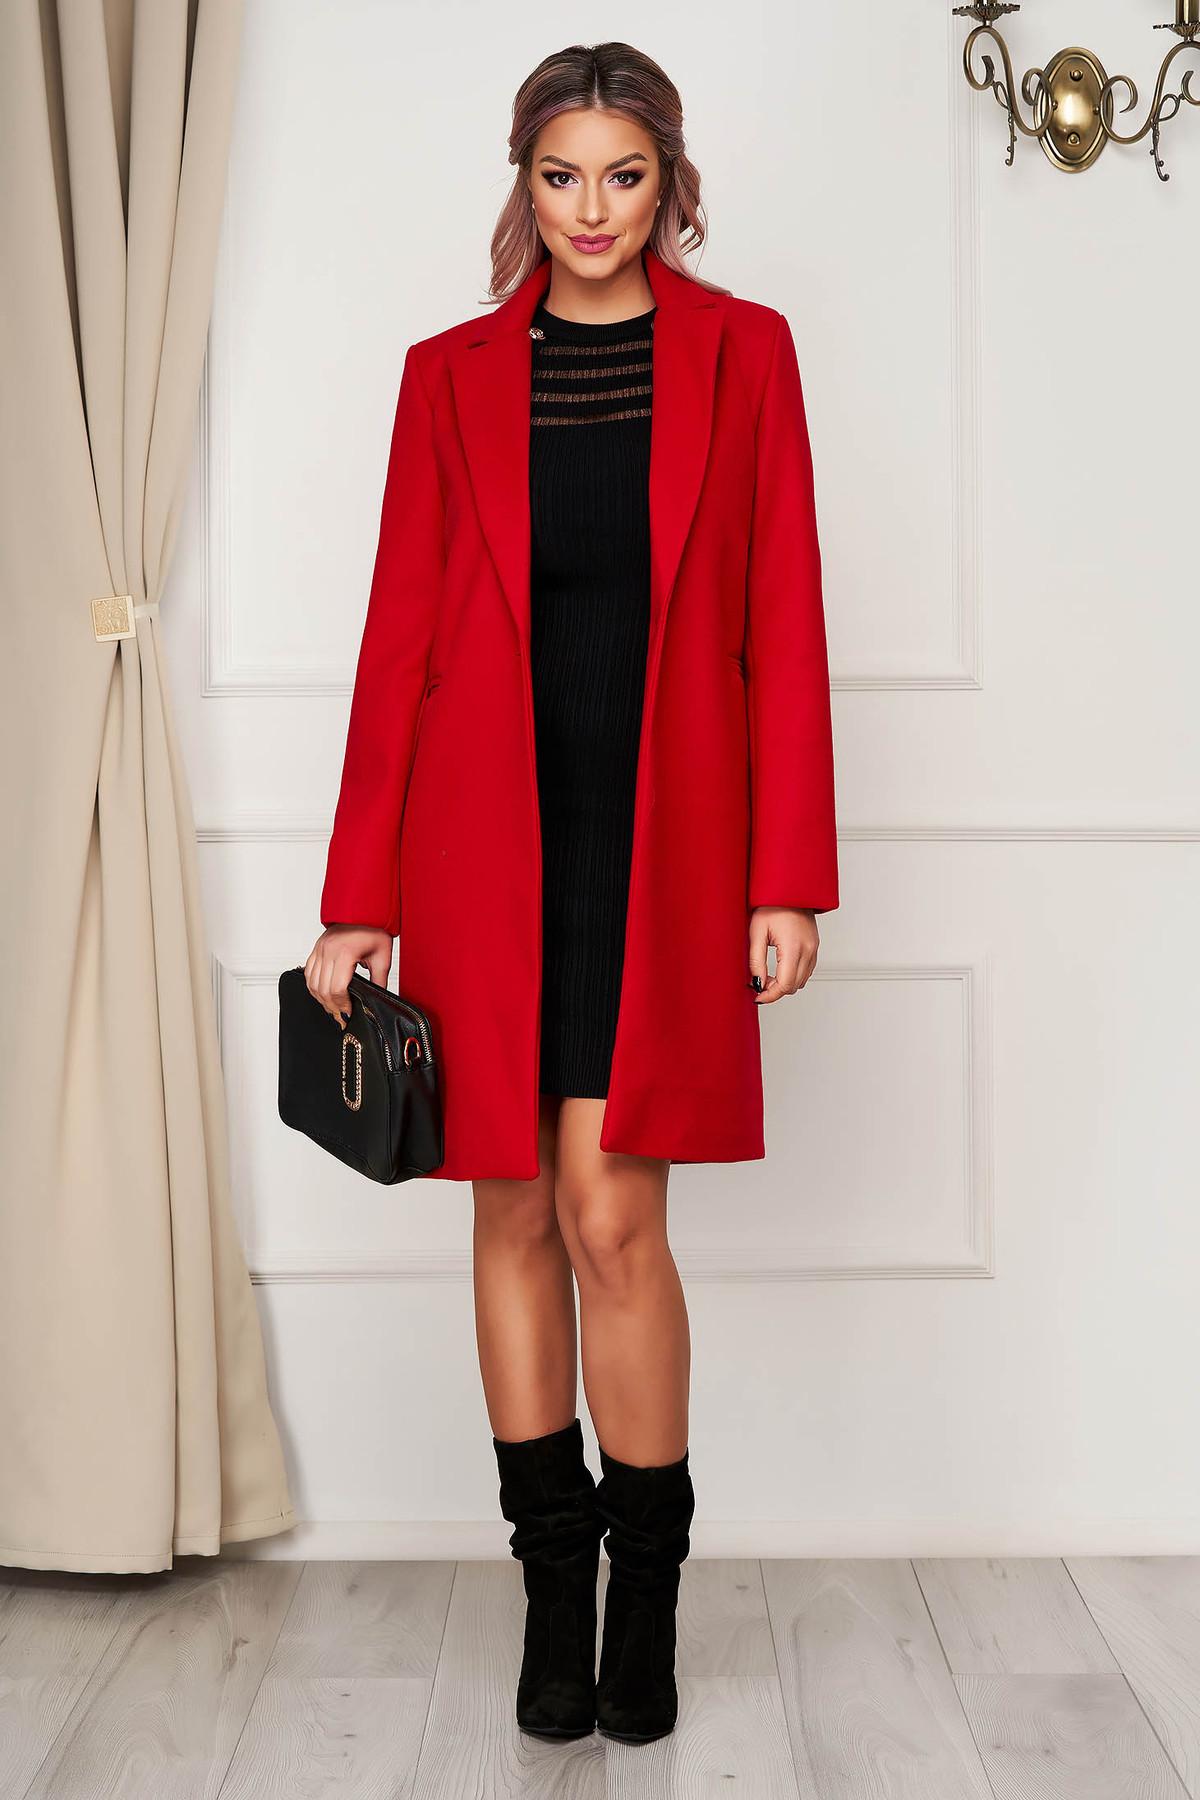 Palton SunShine rosu office din stofa cu un croi drept si buzunare